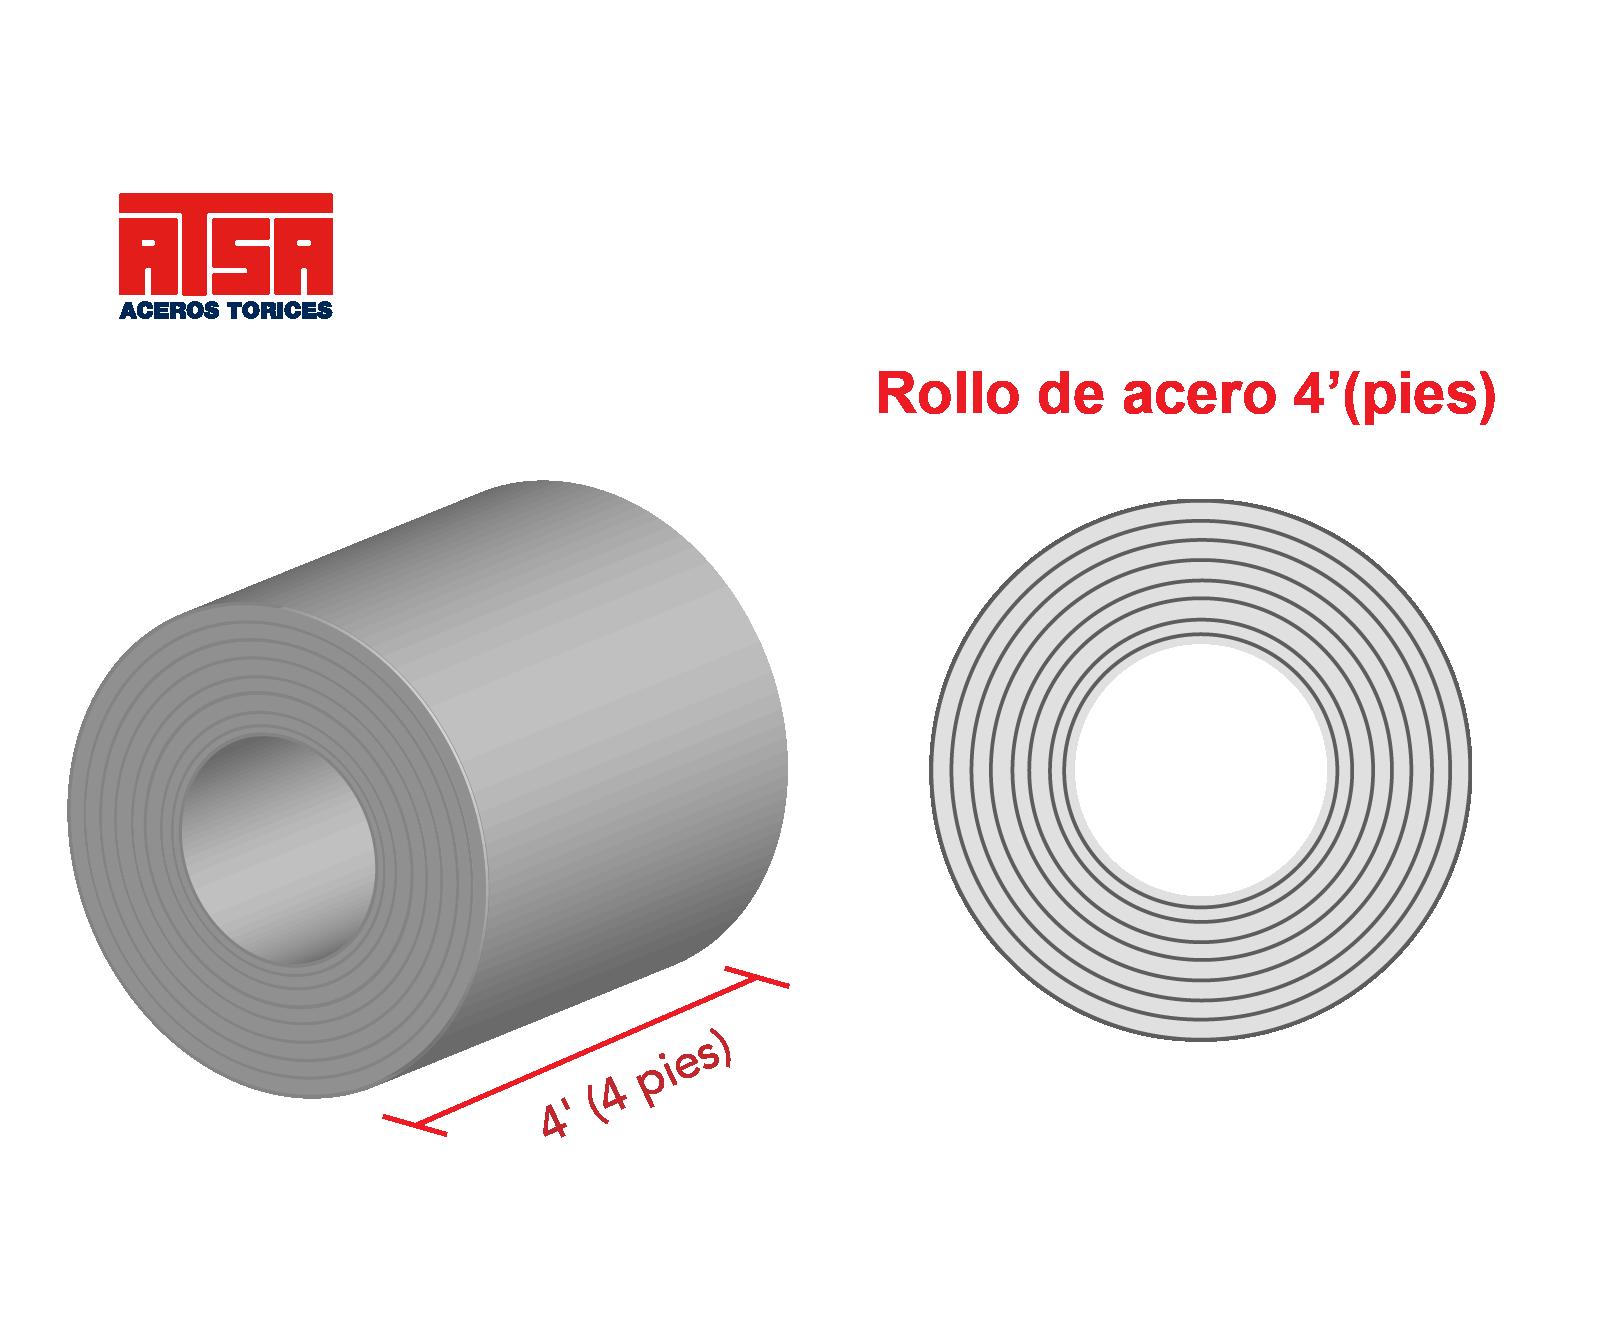 medidas-de-lamina-en-rollo-4-pies-aceros-atsa